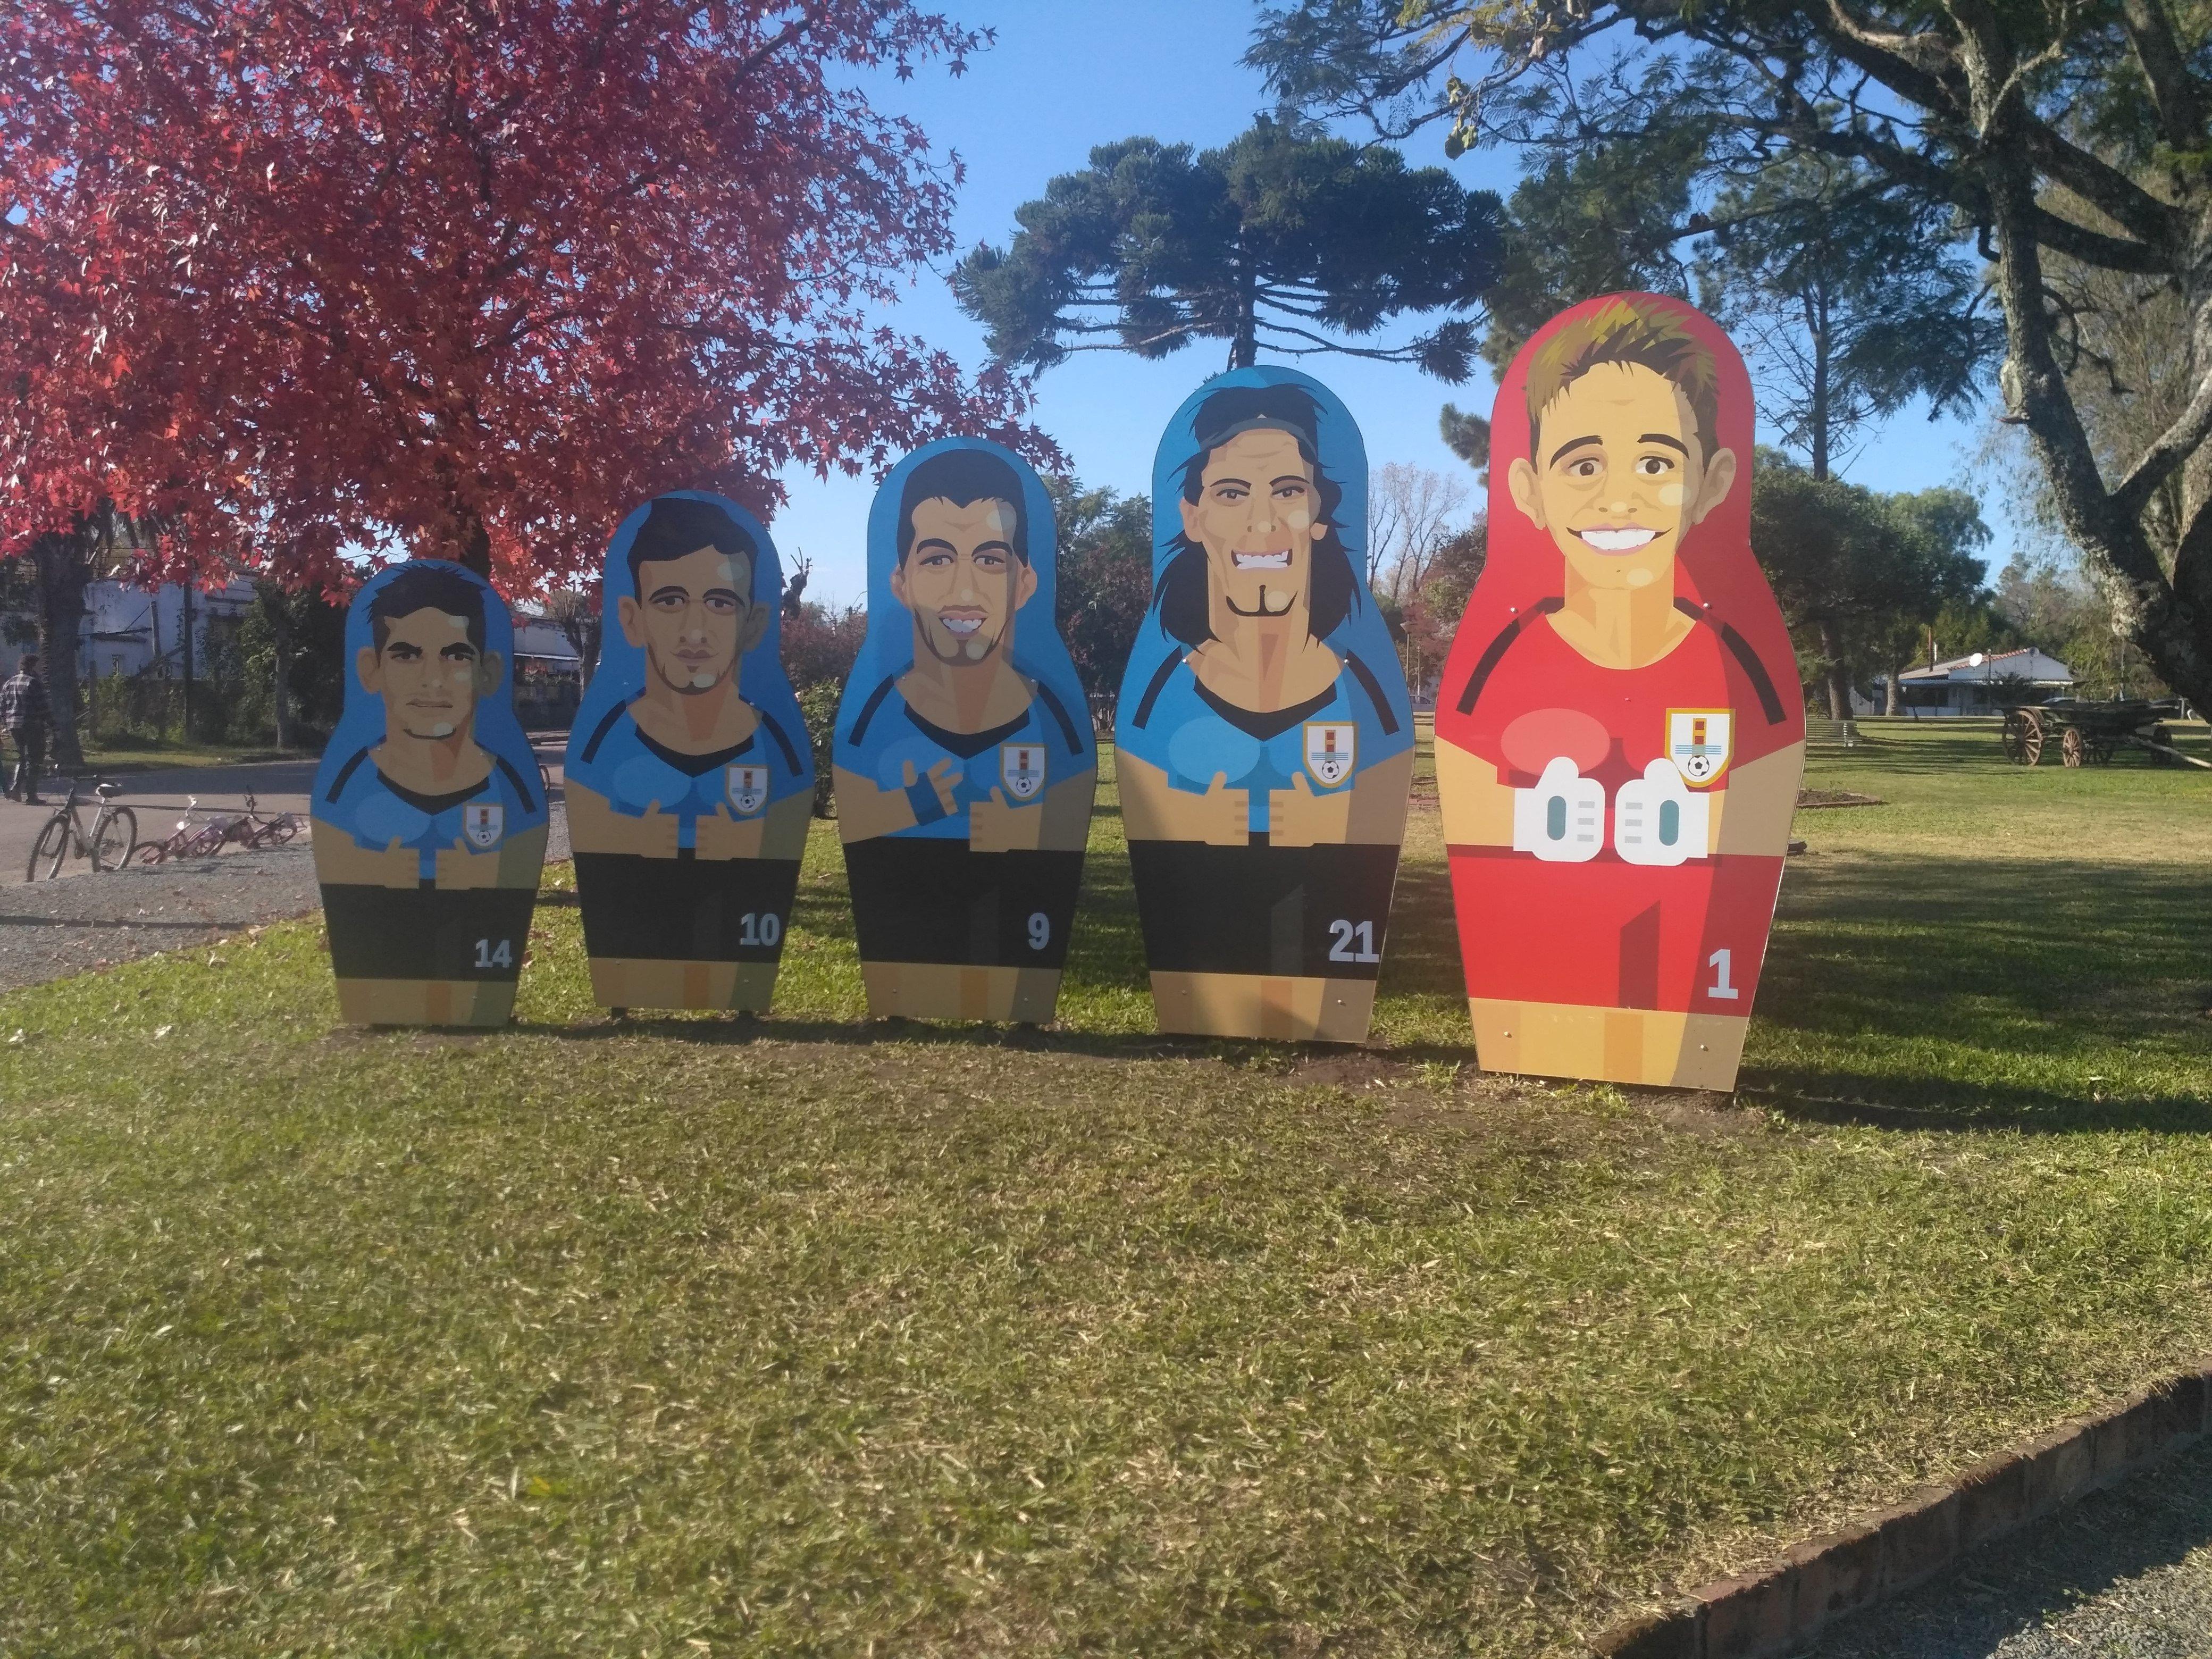 Gigantografías de cinco jugadores de la selección uruguaya junto a las tradicionales matrioshkas de la plaza Libertad de la localidad uruguaya de San Javier.